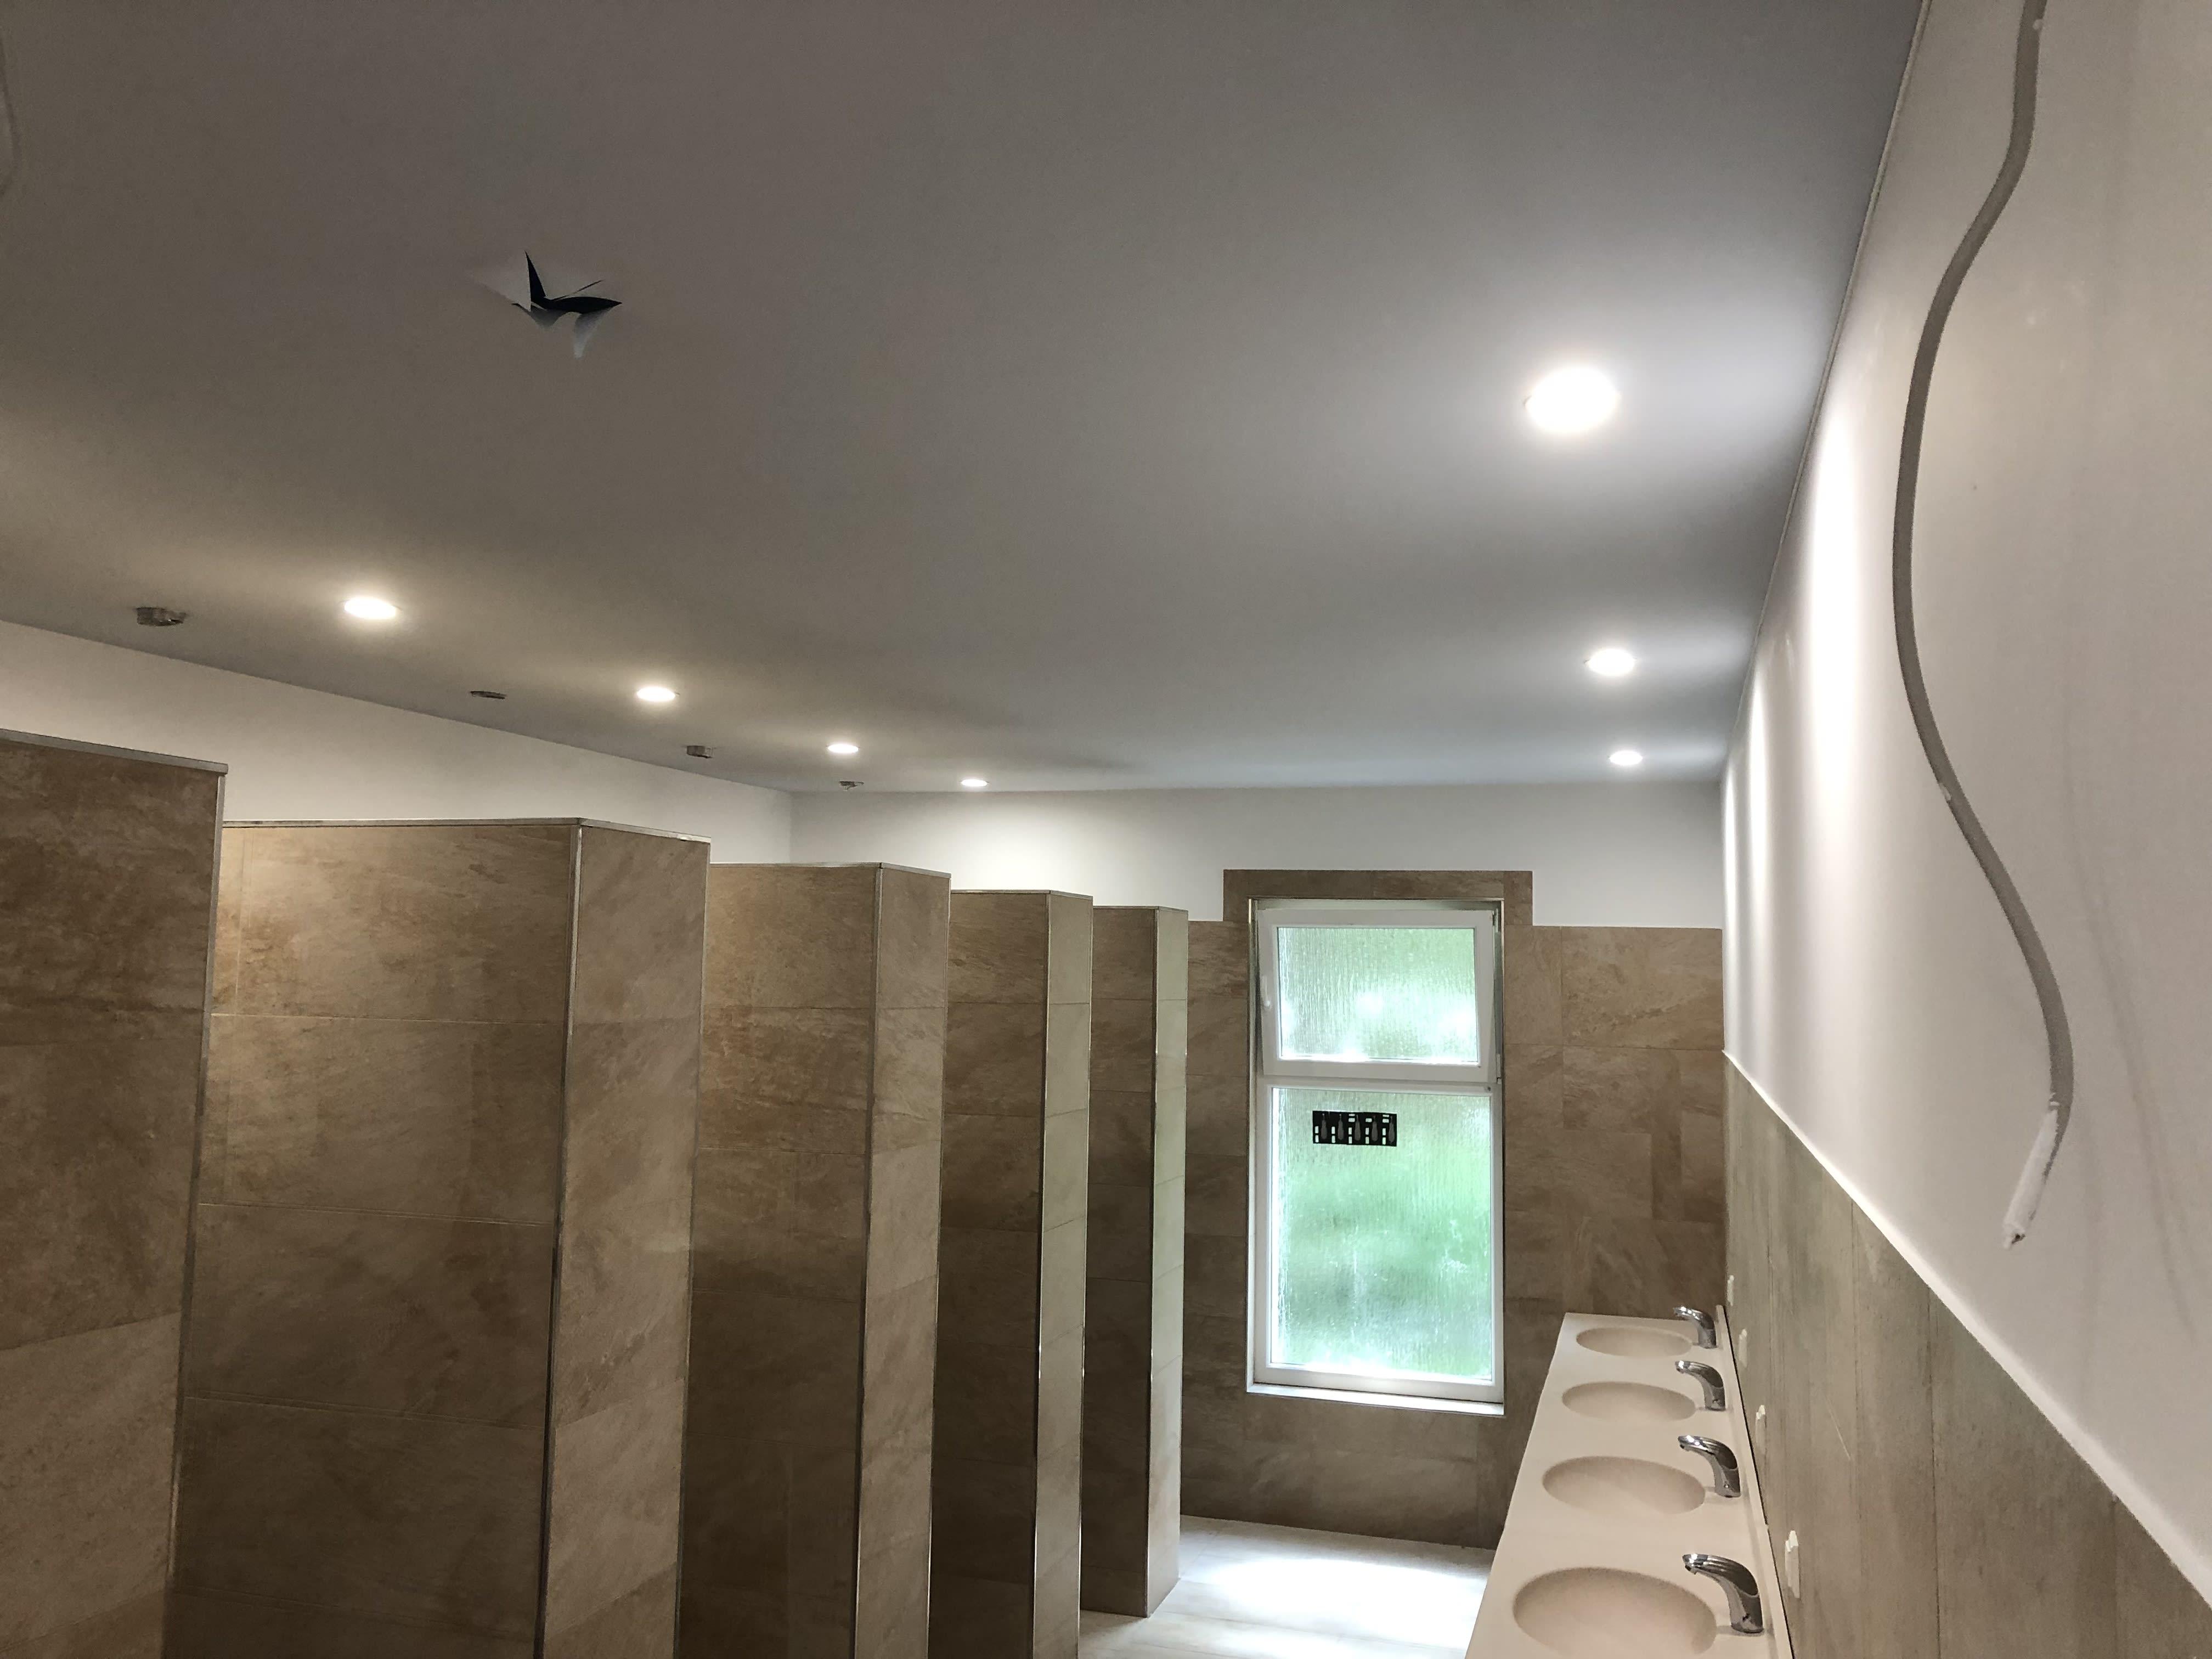 Lichtdecke im Badezimmer